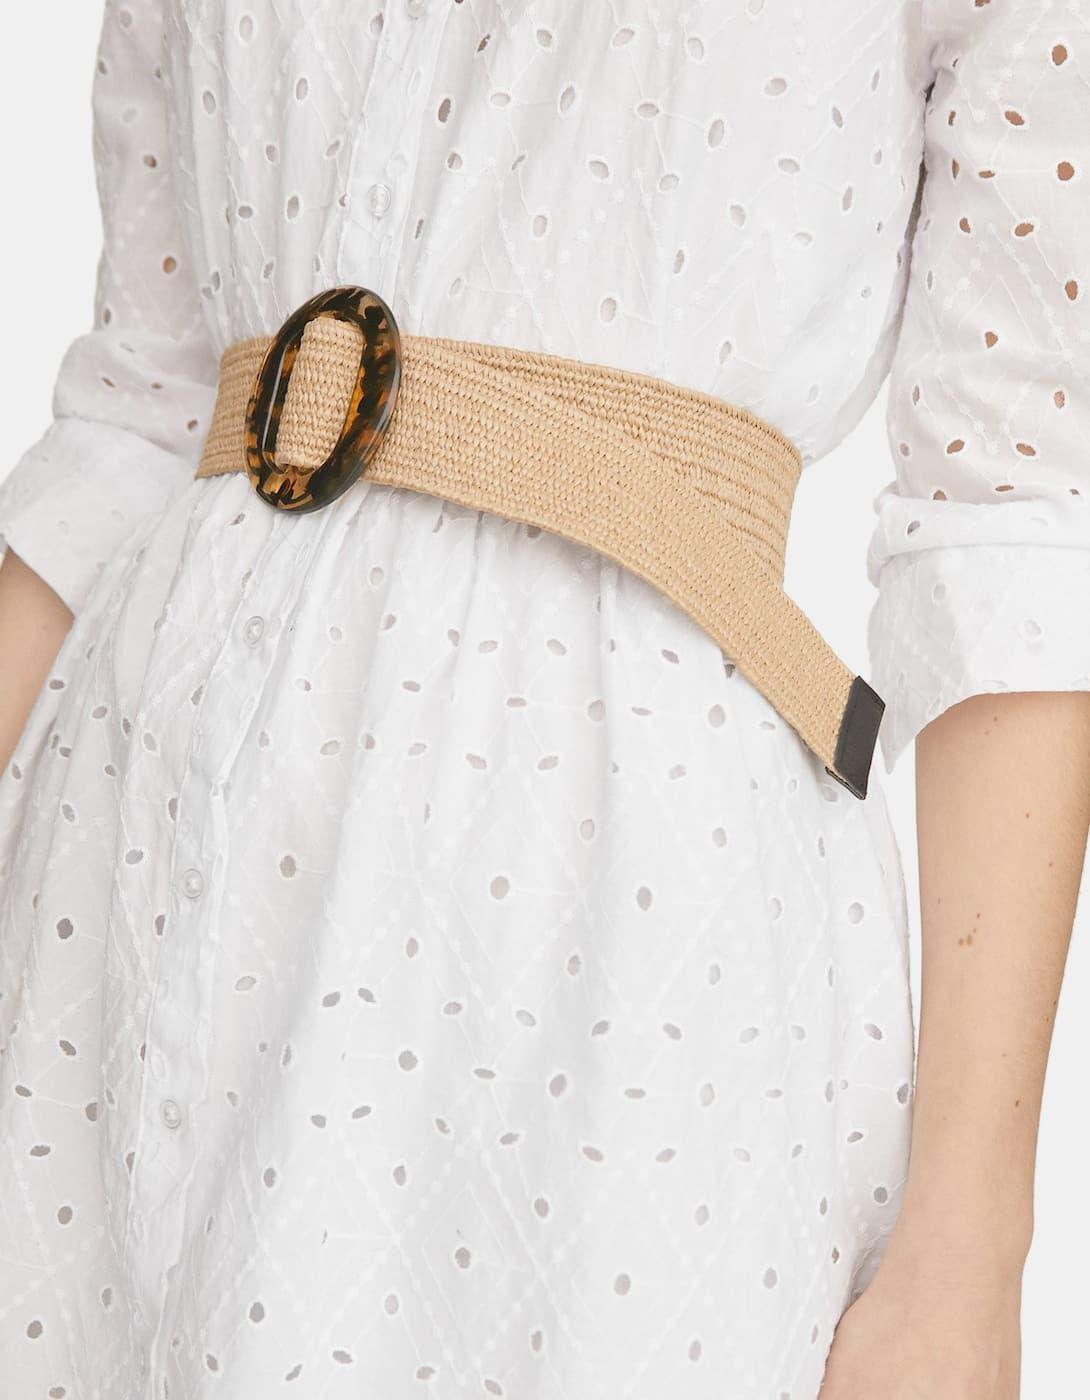 Cinturón Rafia Ancho Cinturones De Mujer Stradivarius Cinturones Mujer Cinturones De Moda Cinturones